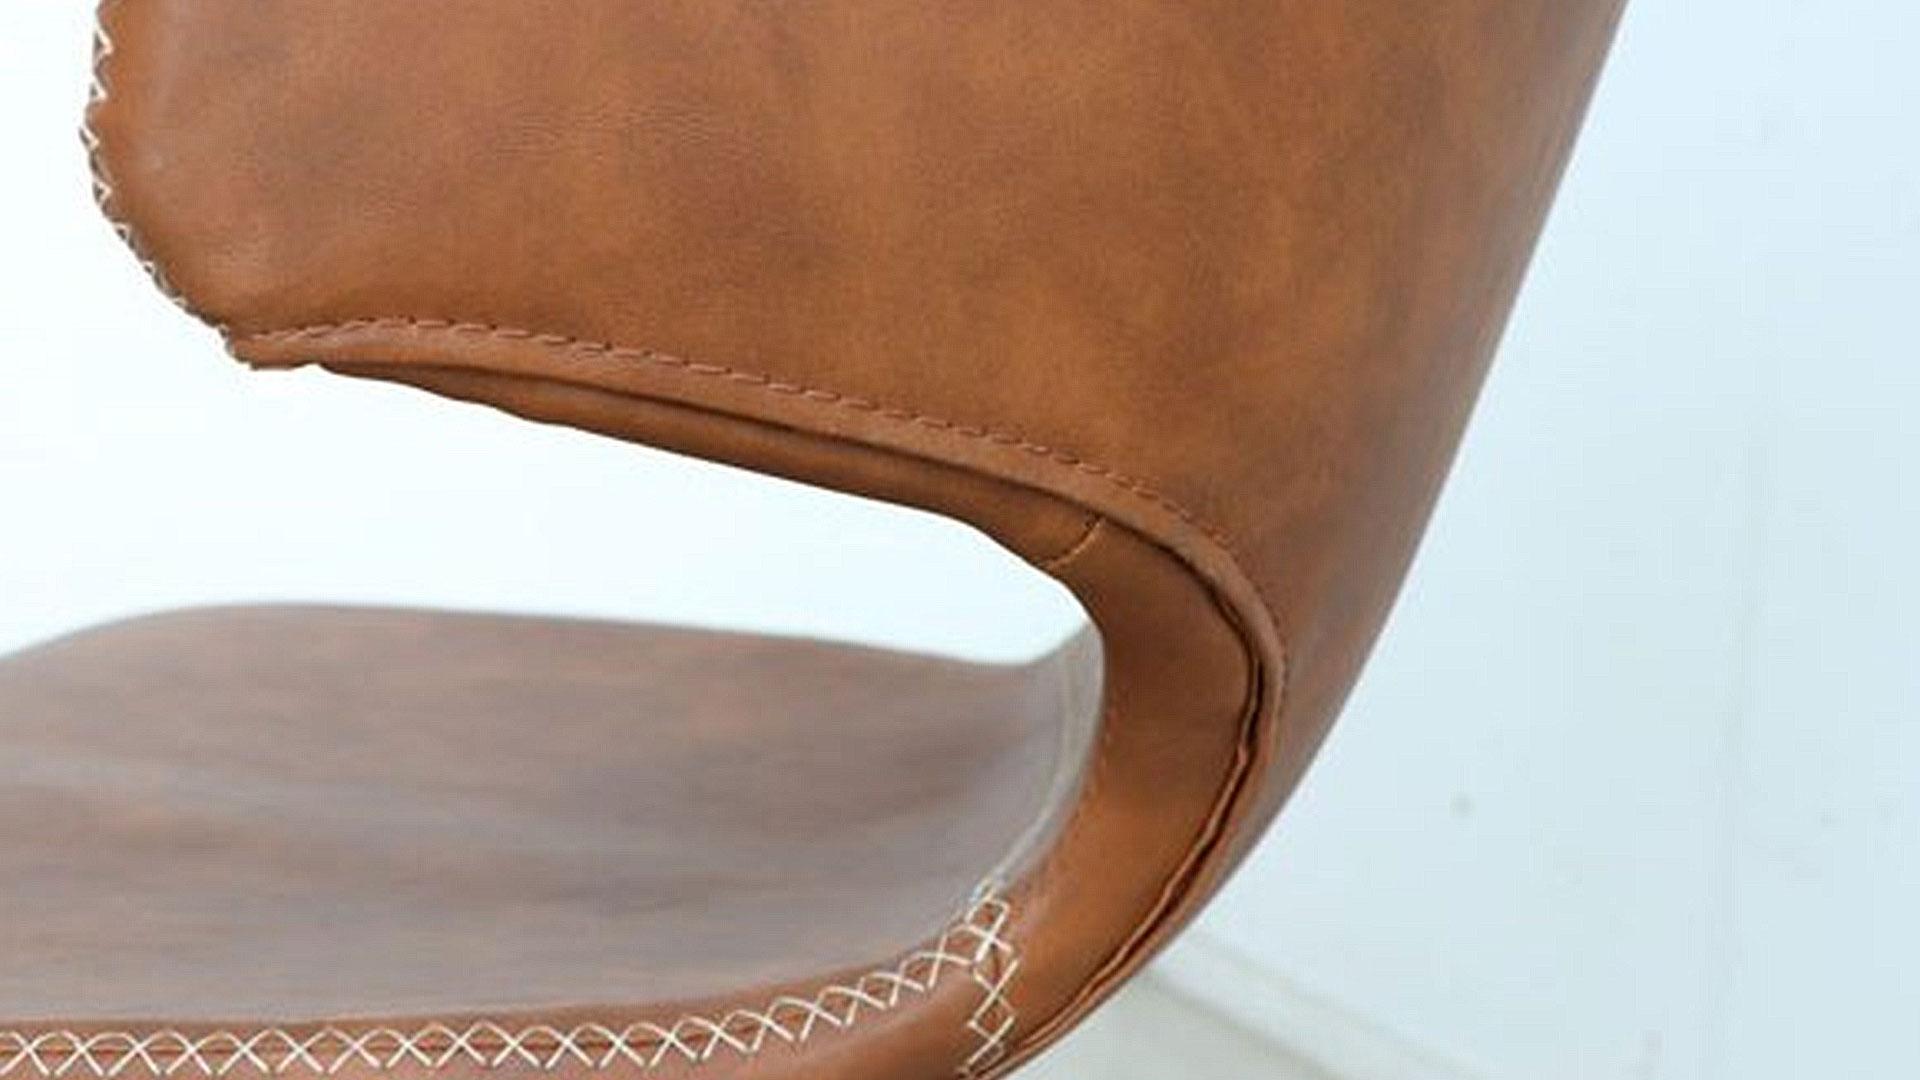 回転チェアのアーマーの曲線が綺麗な座面